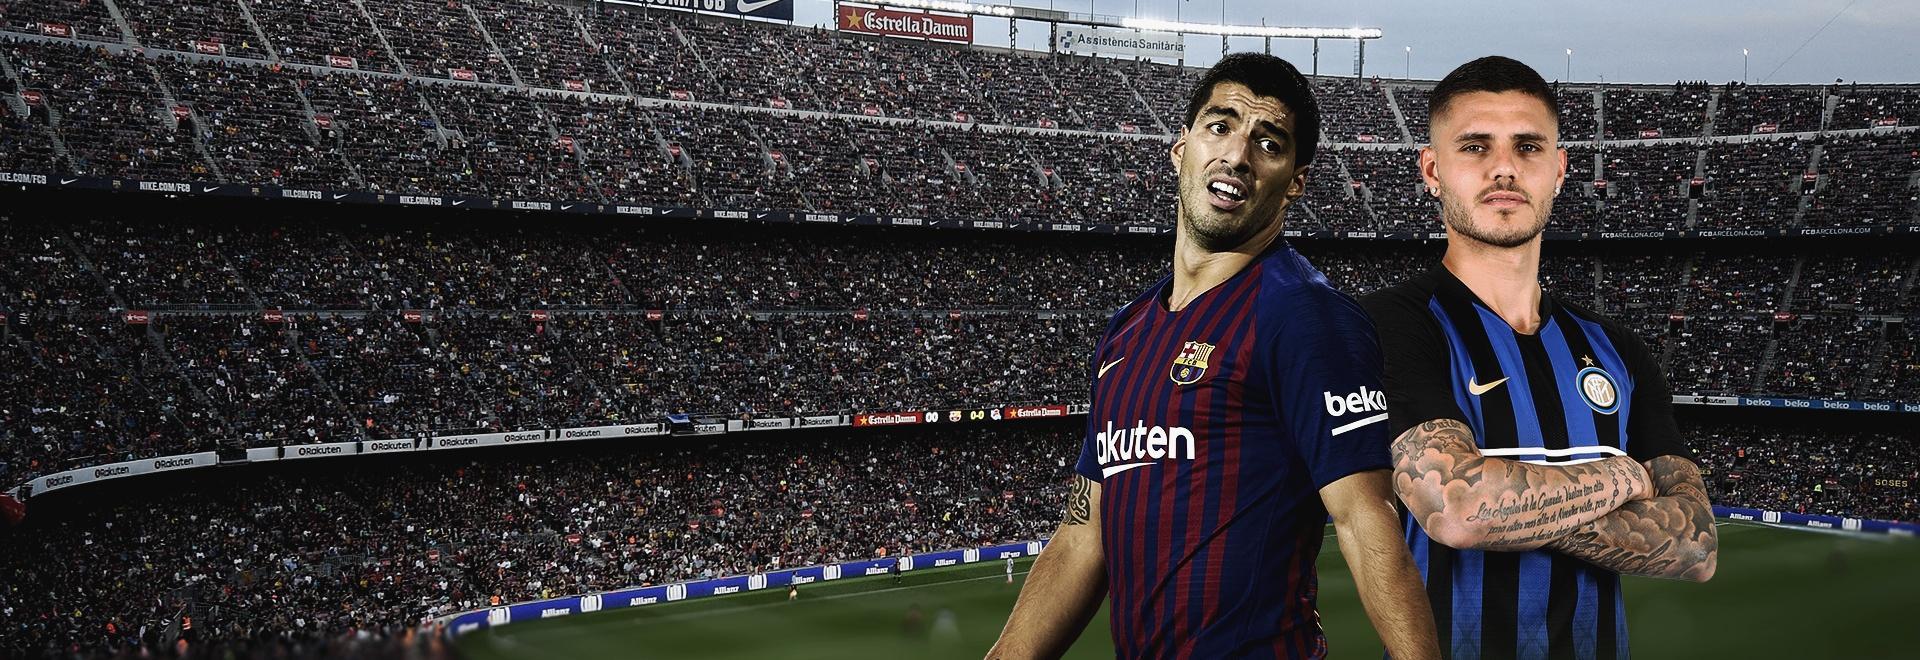 Barcellona - Inter. 3a g.